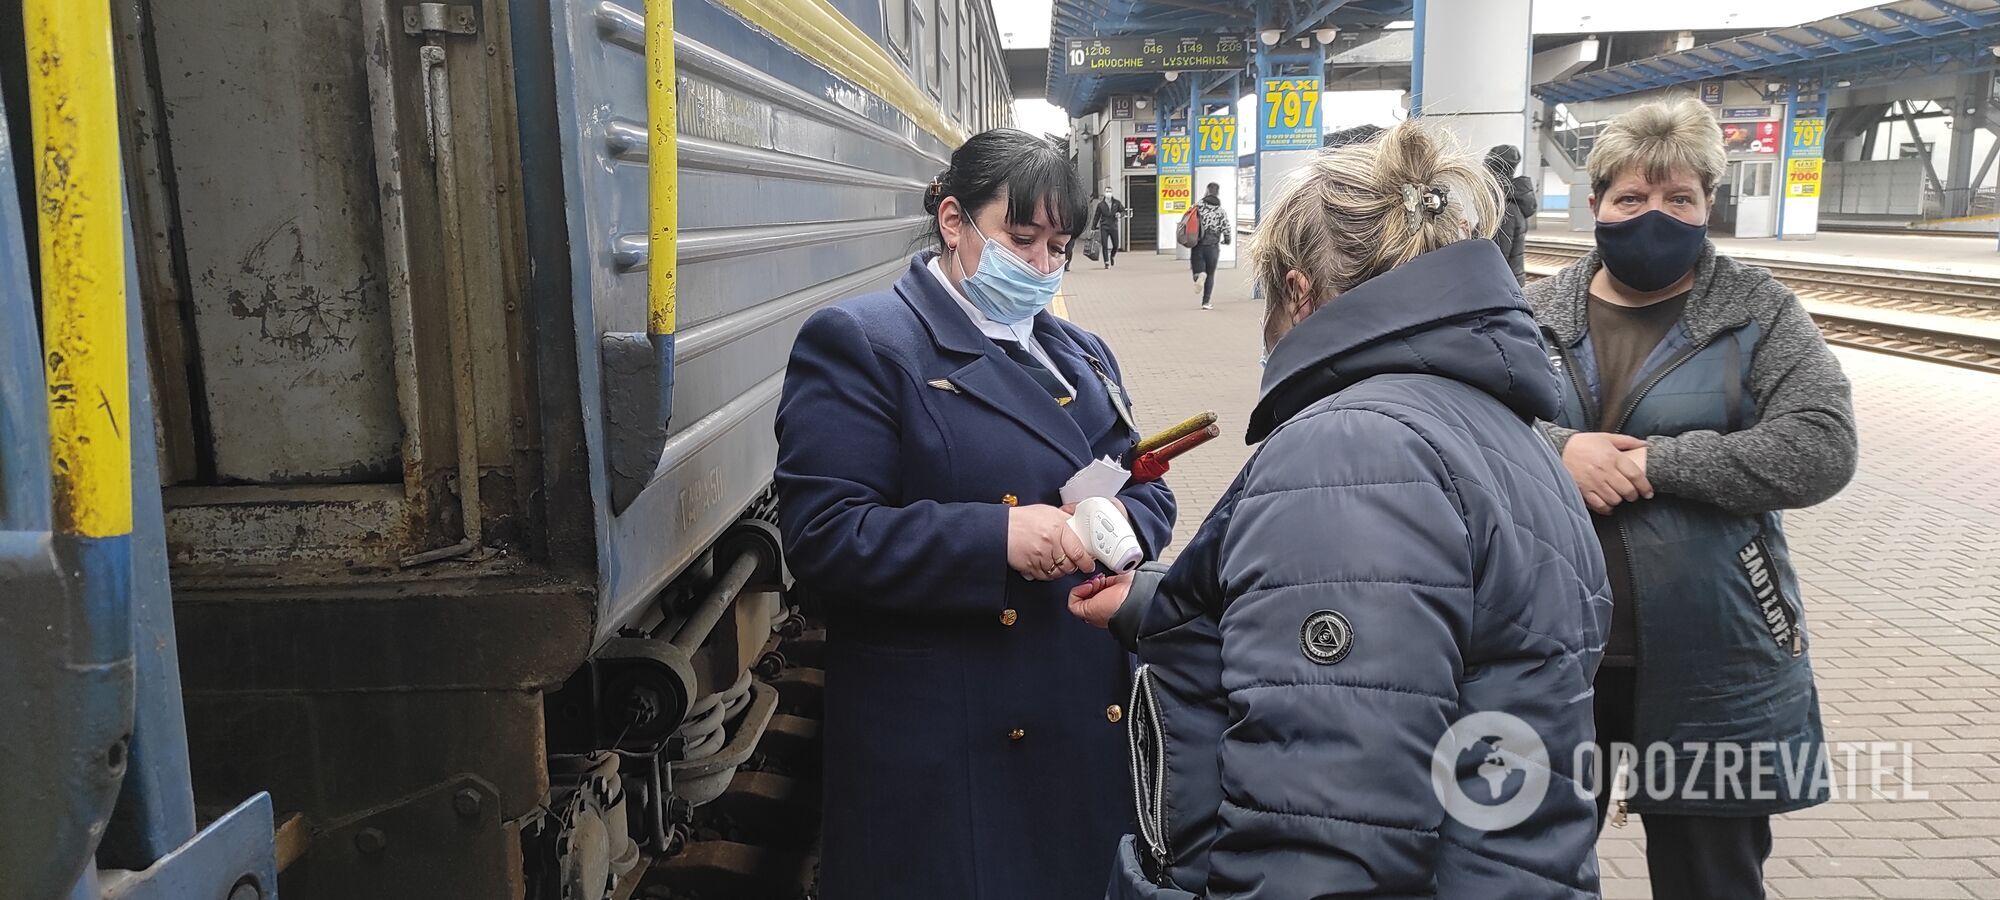 На вході до вагона пасажирам міряють температуру.